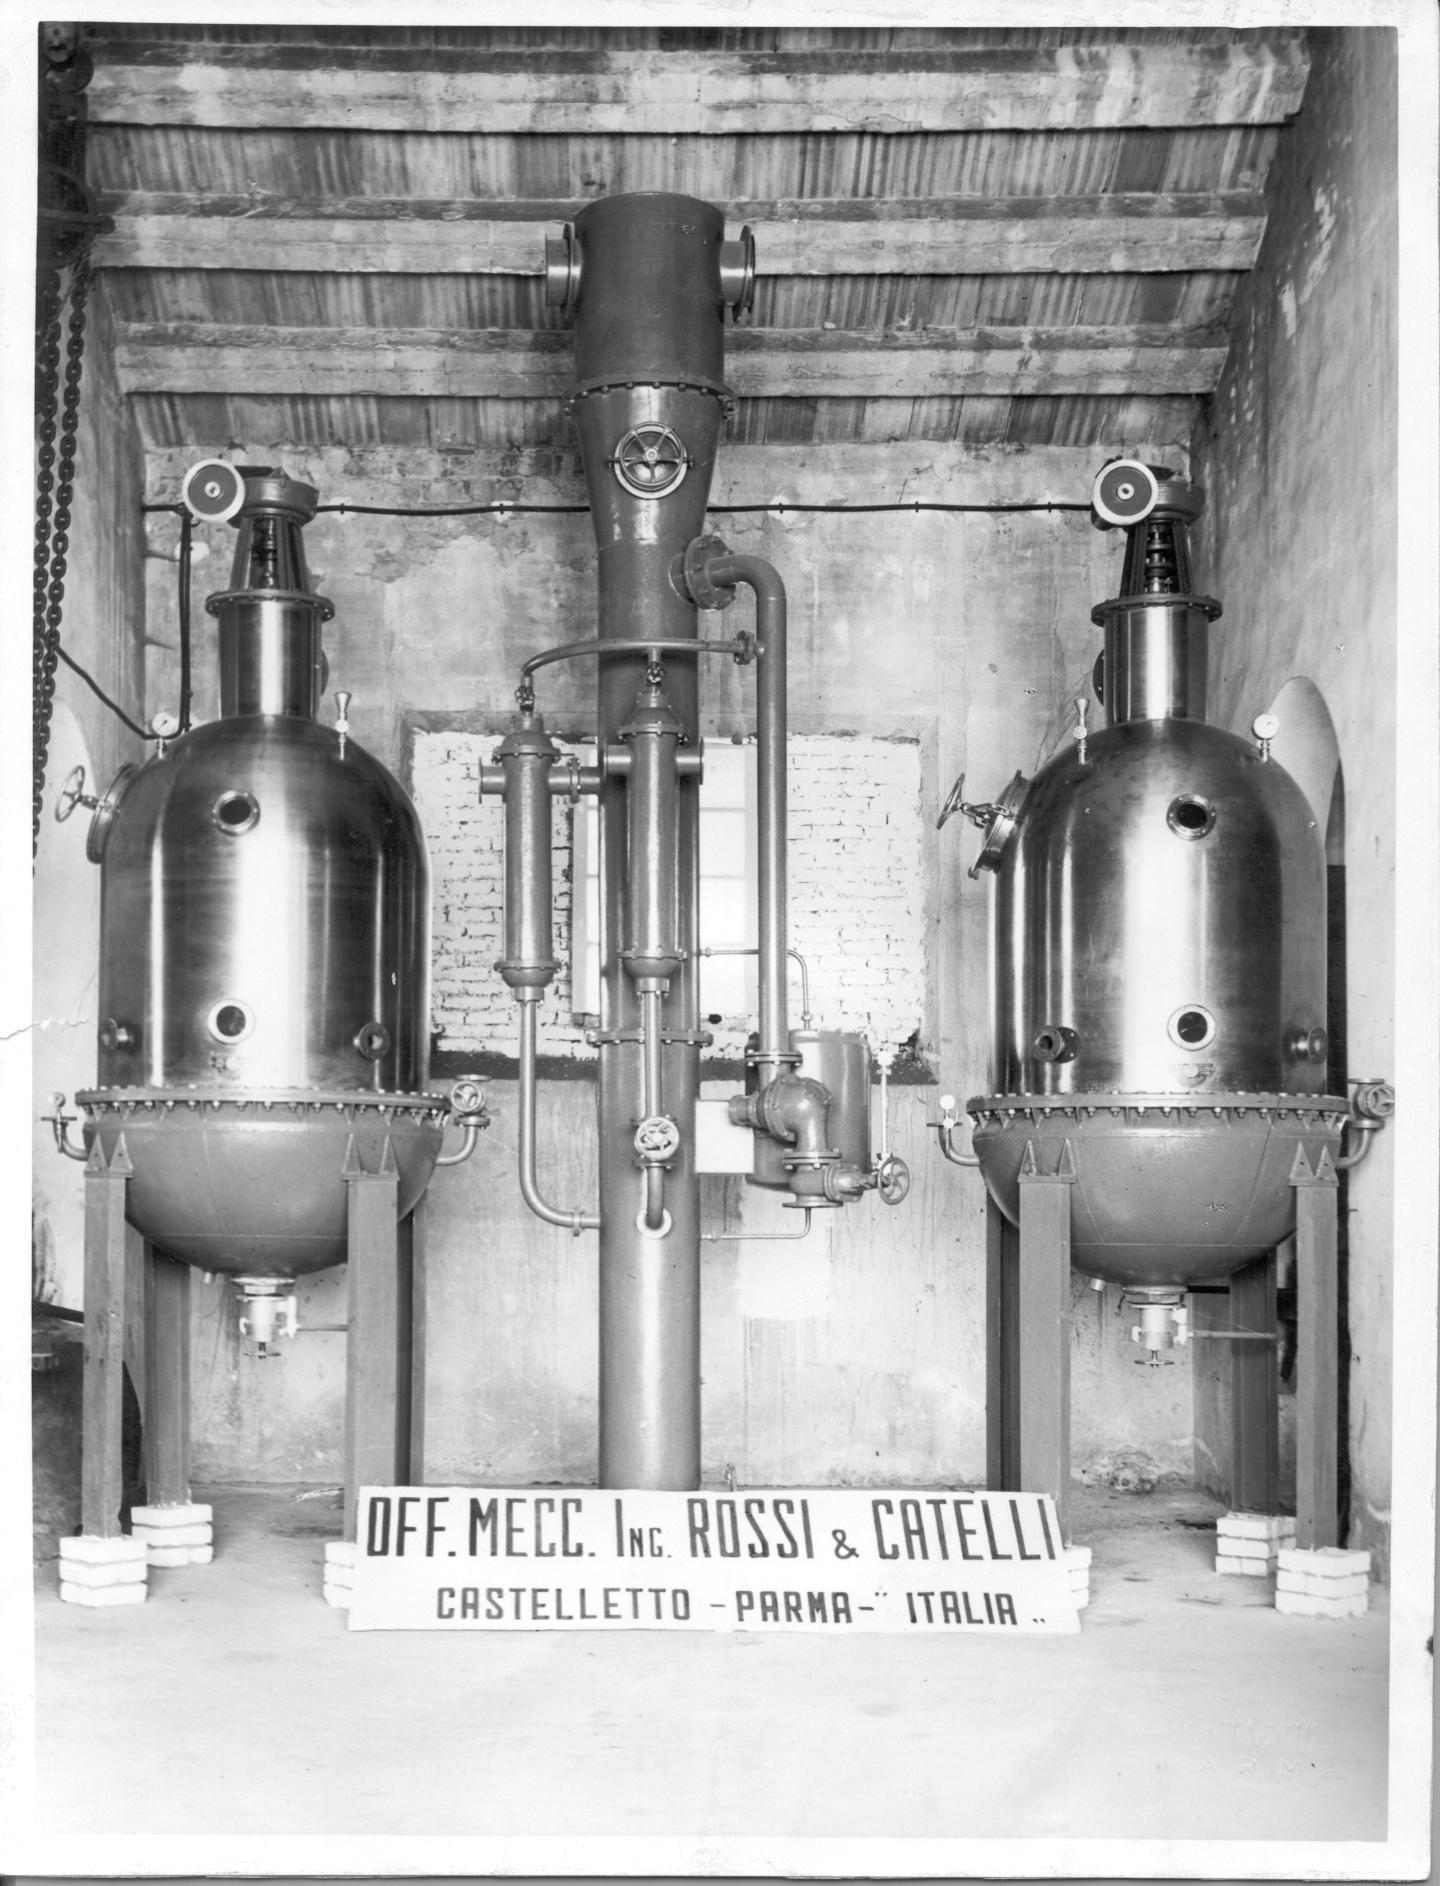 L'impianto di concentrazione descritto nella pubblicità, esposto da Rossi & Catelli ad una esposizione fieristica.